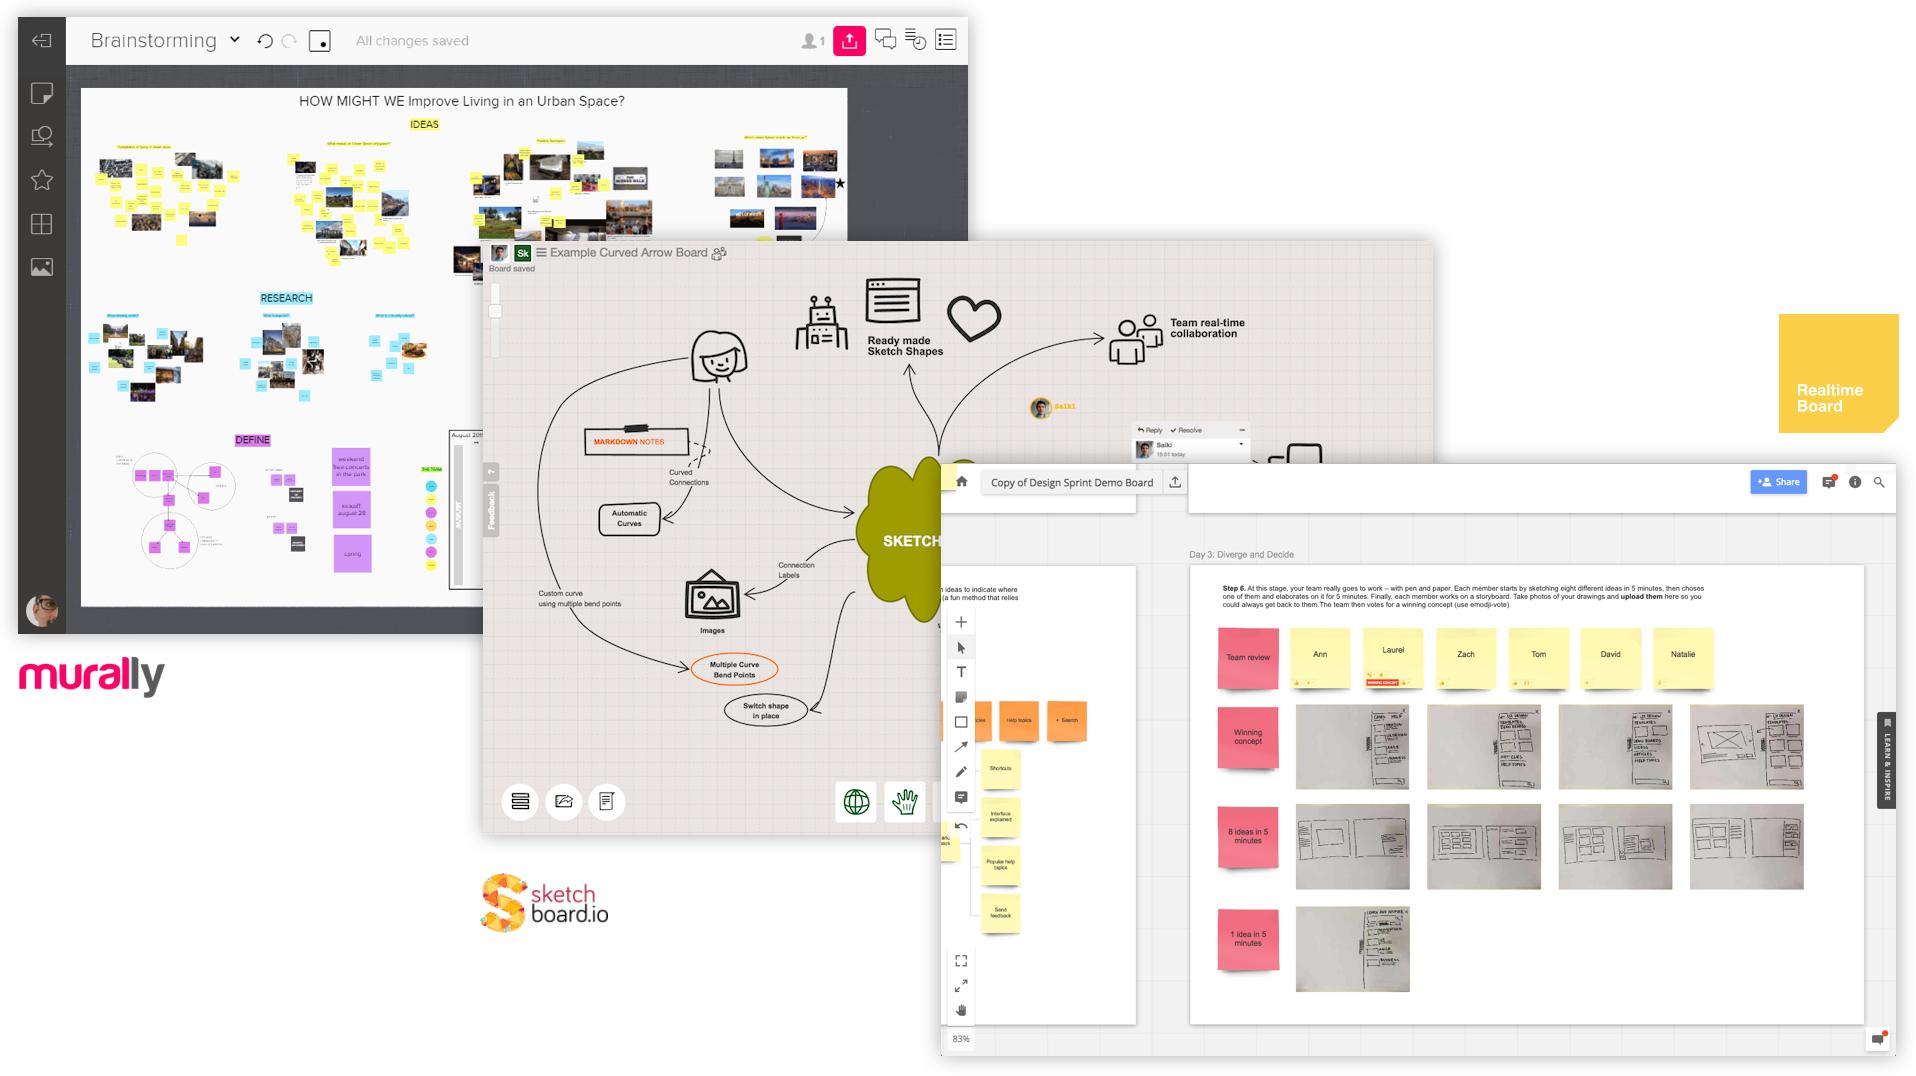 Las herramientas digitales como las placas virtuales ayudan a la eficiencia del taller UX